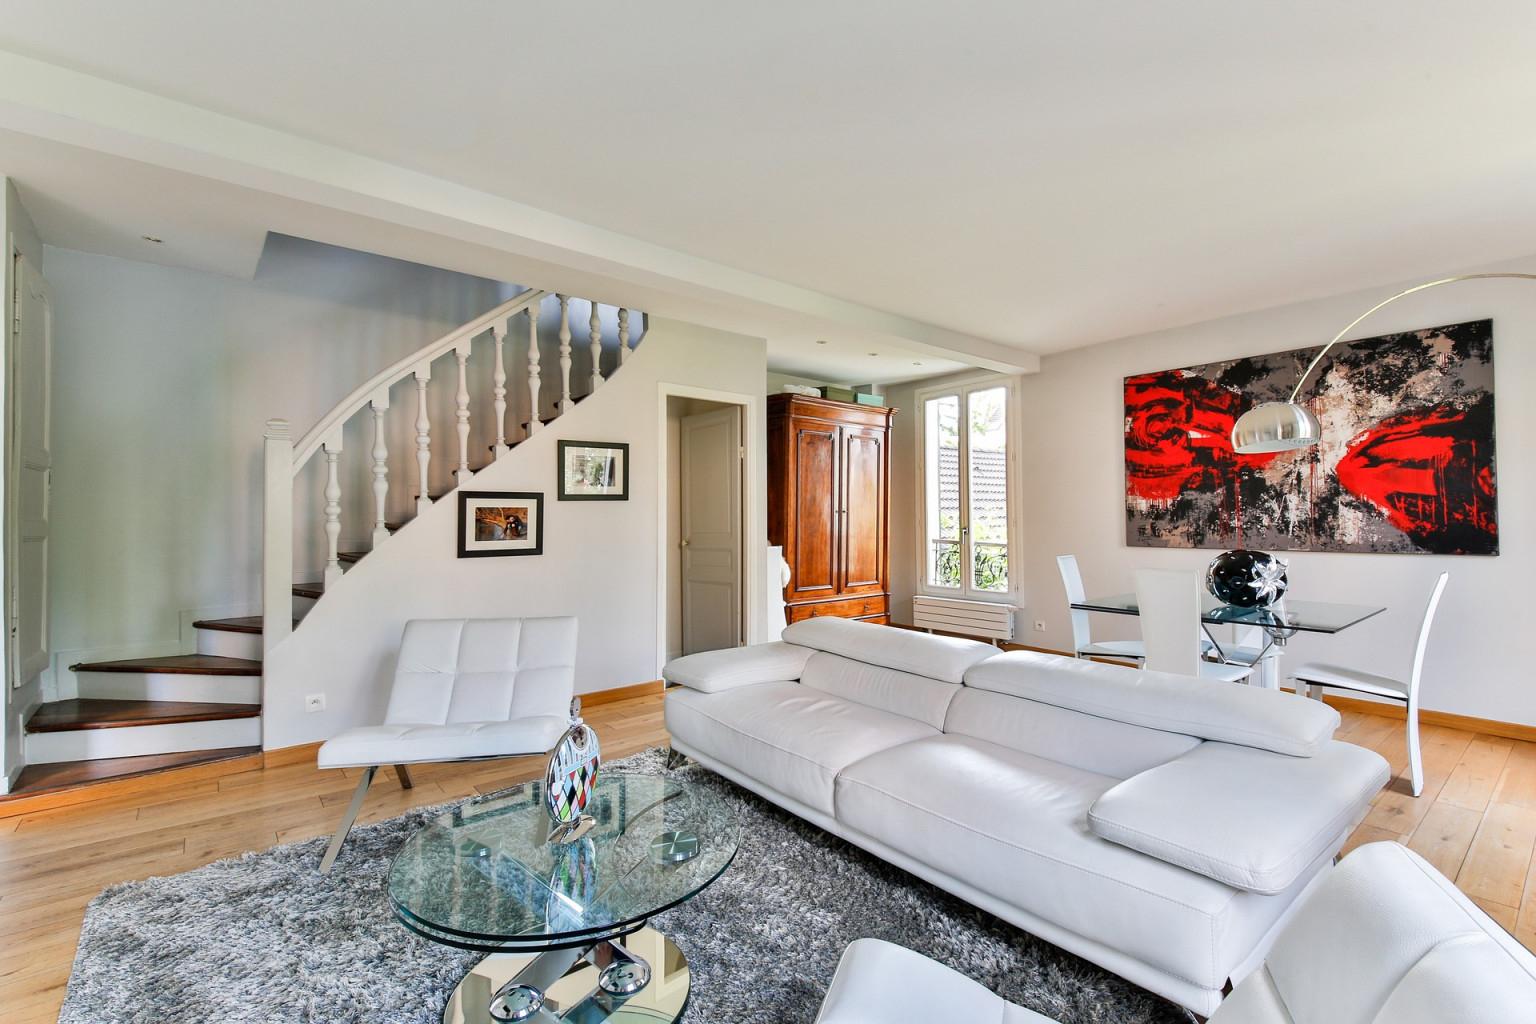 Wohnzimmer Einrichten Dieser Ort Sollte Für Ihr Sofa Tabu von Wohnzimmer Länglich Einrichten Bild